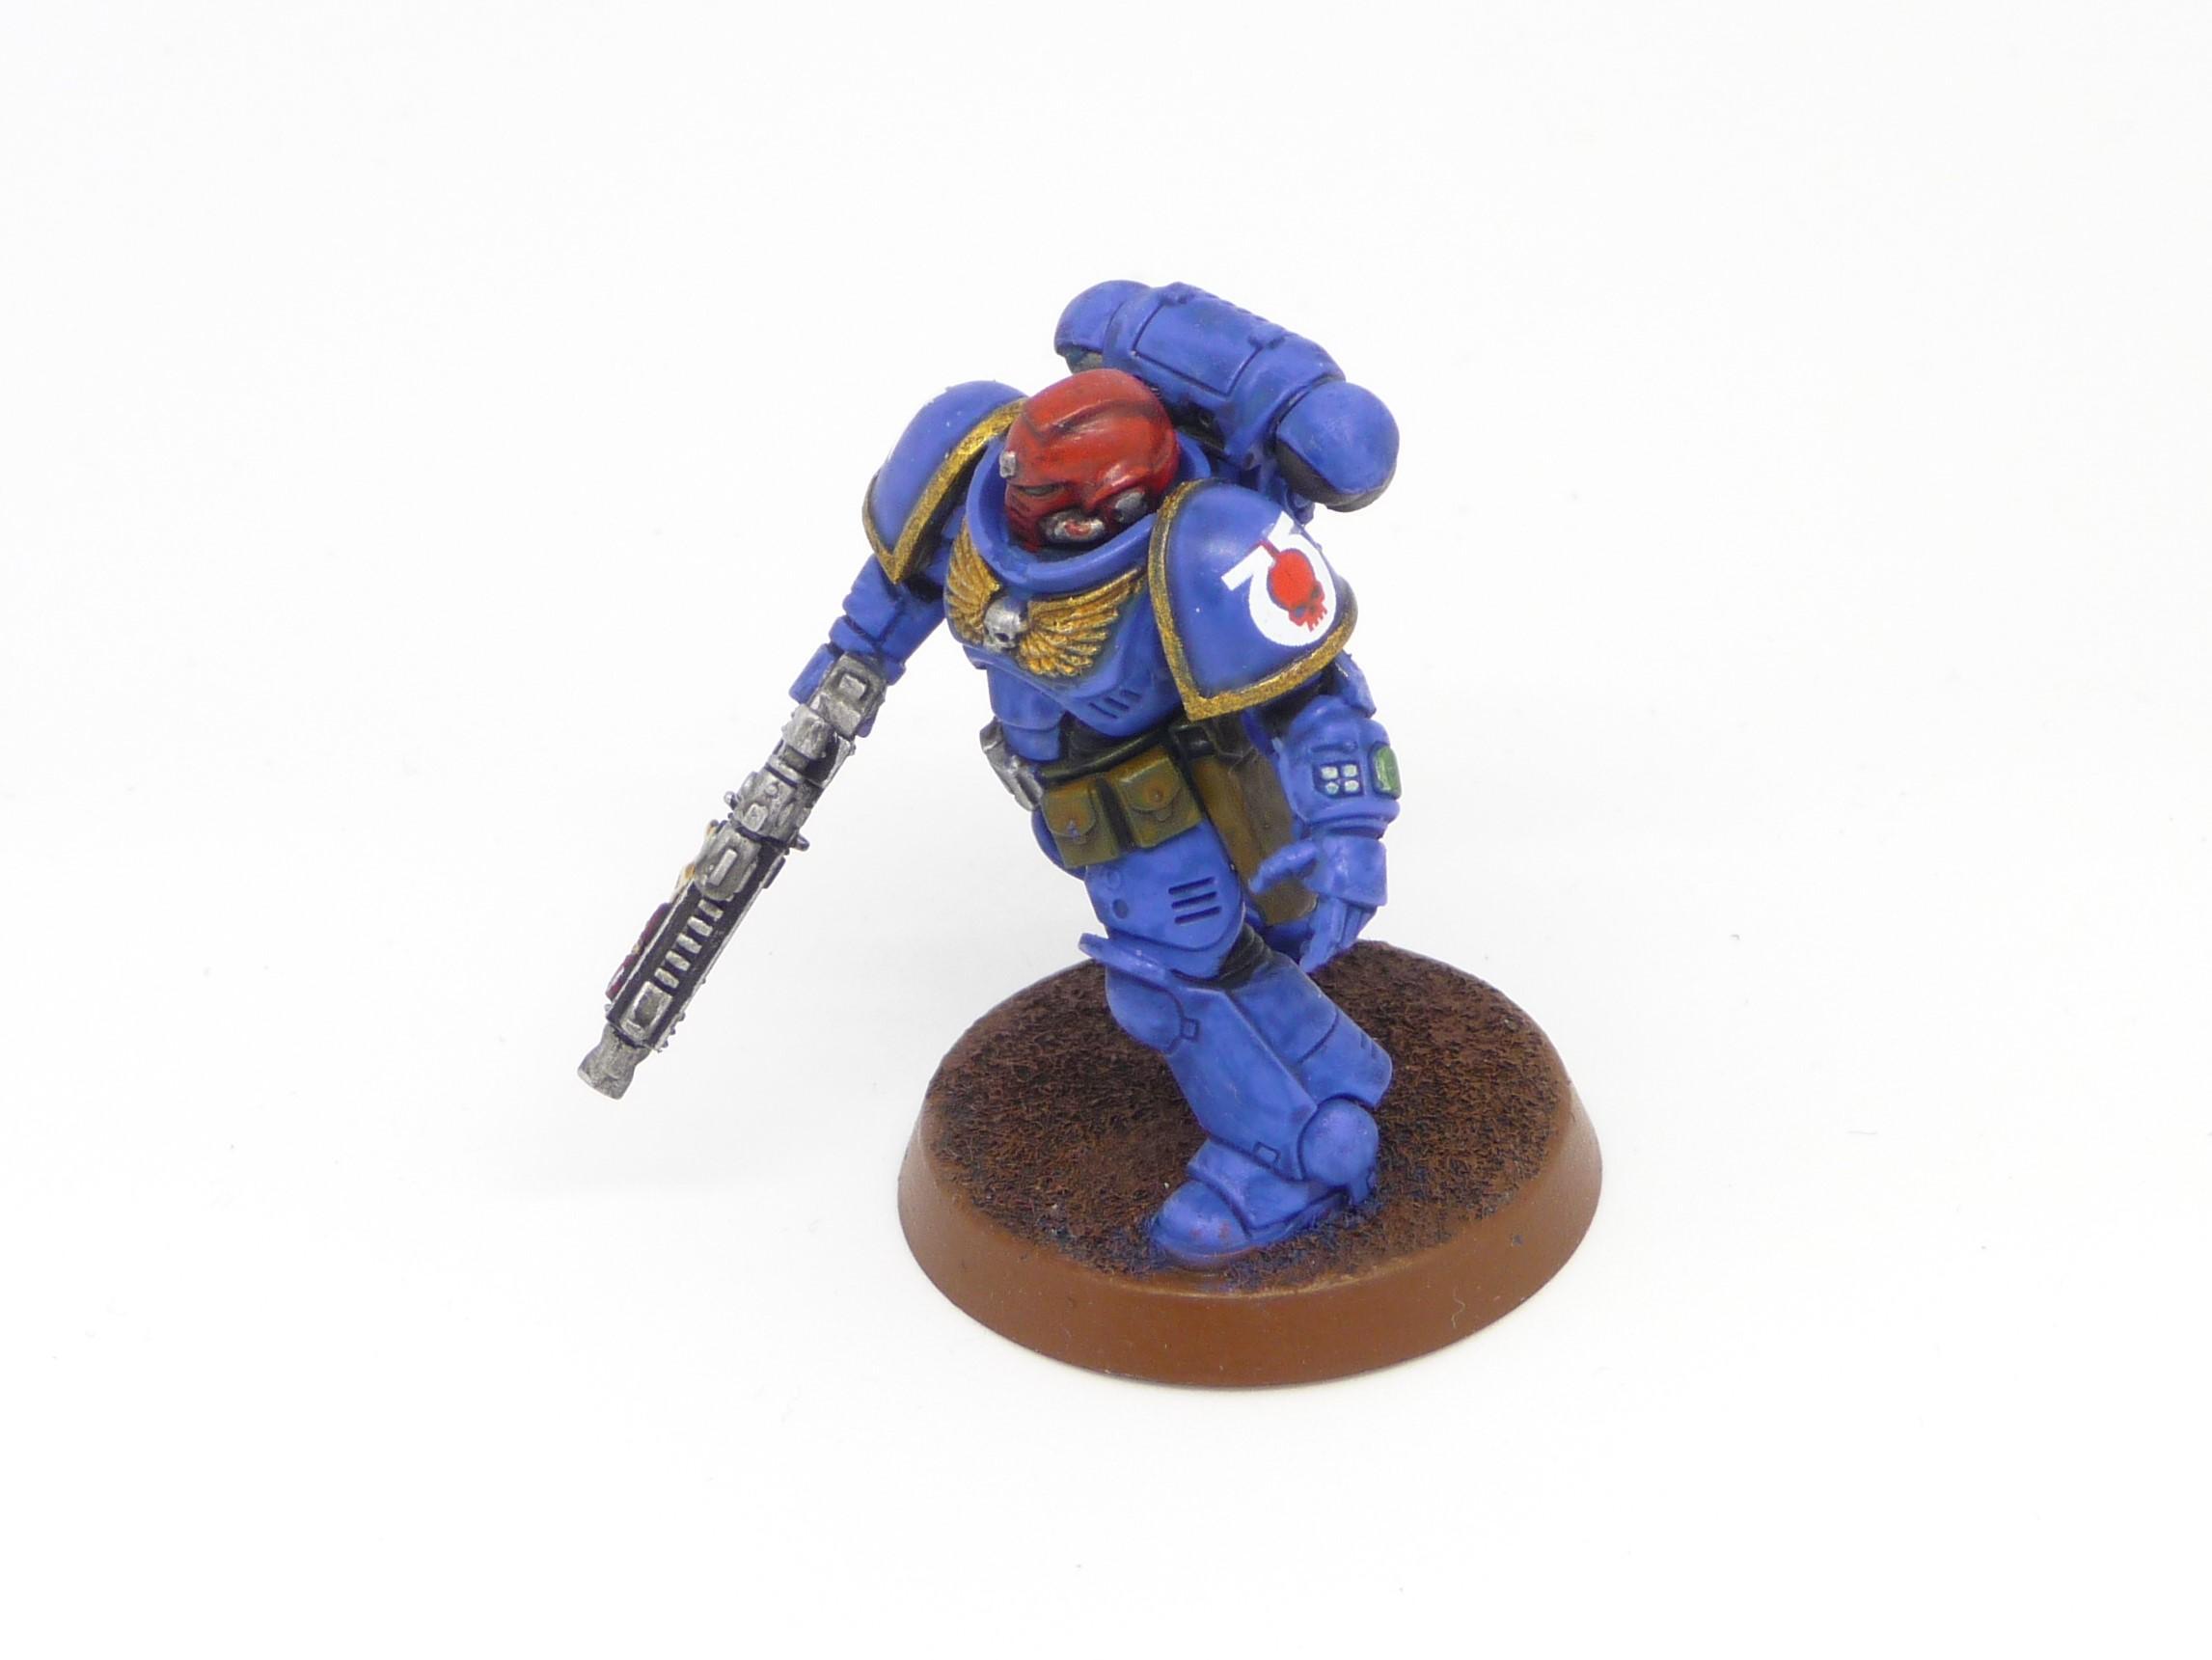 Intercessors, Primaris, Sergeant, Space Marines, Ultramarines